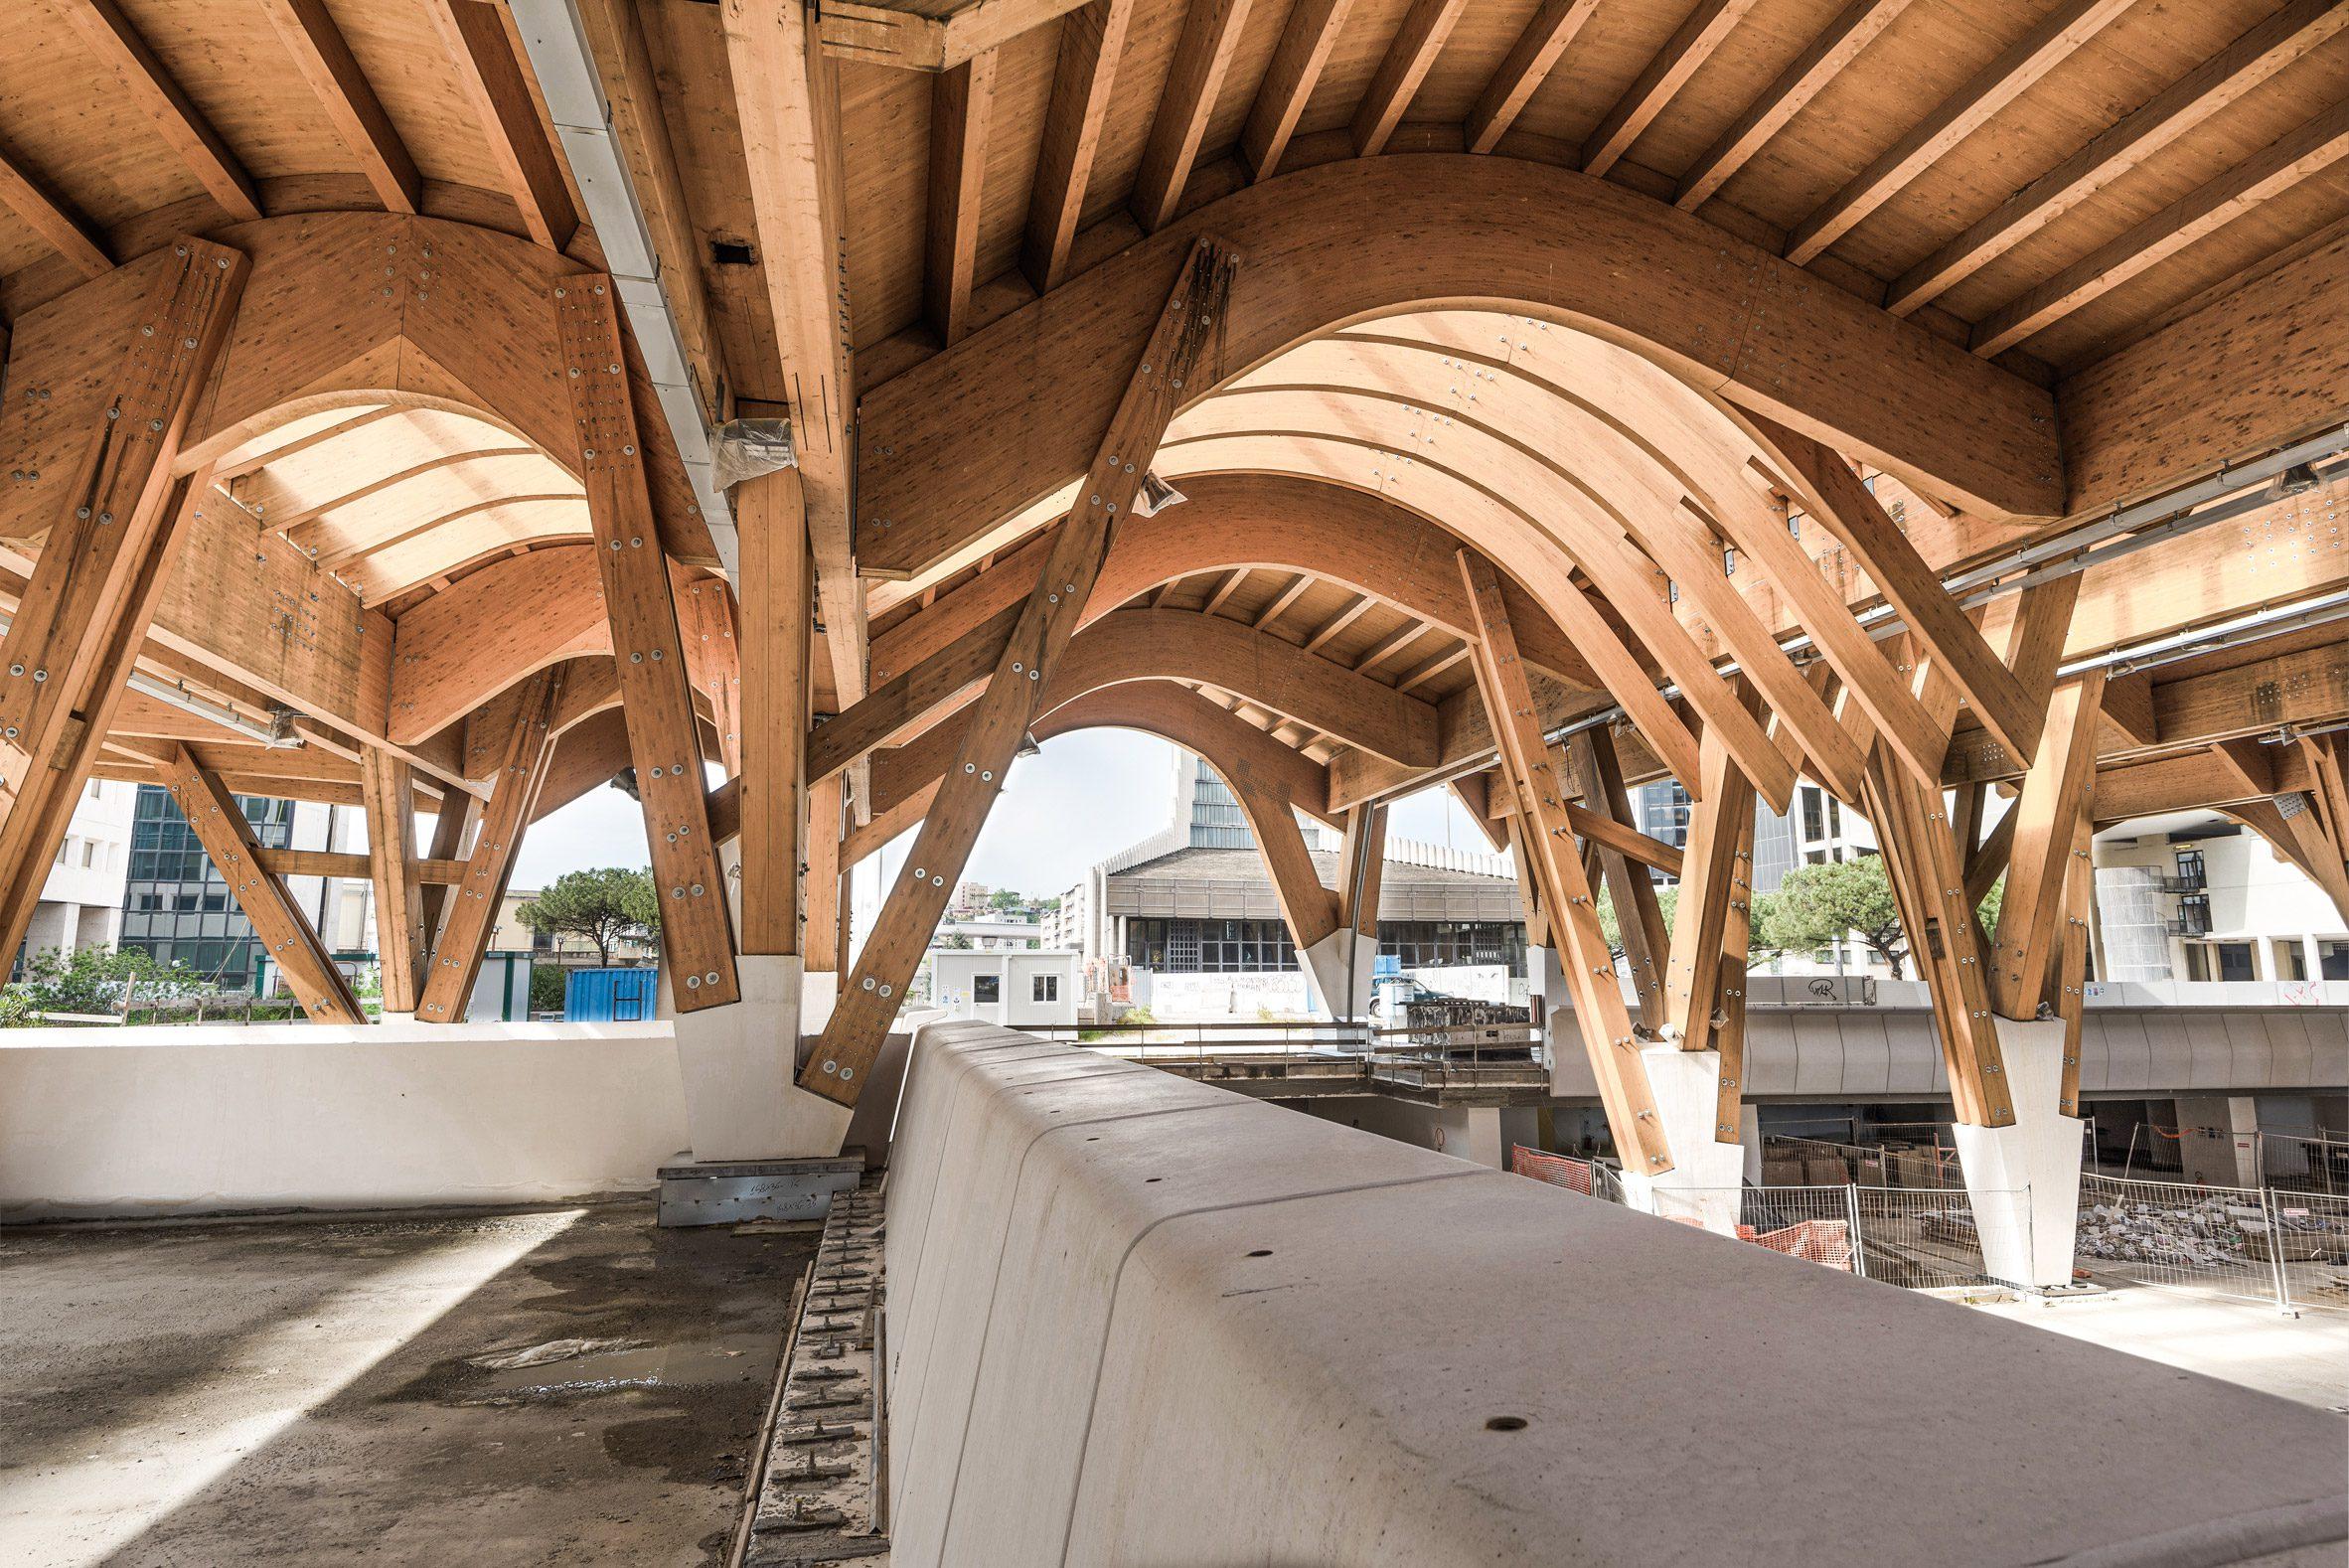 Wooden railway arches